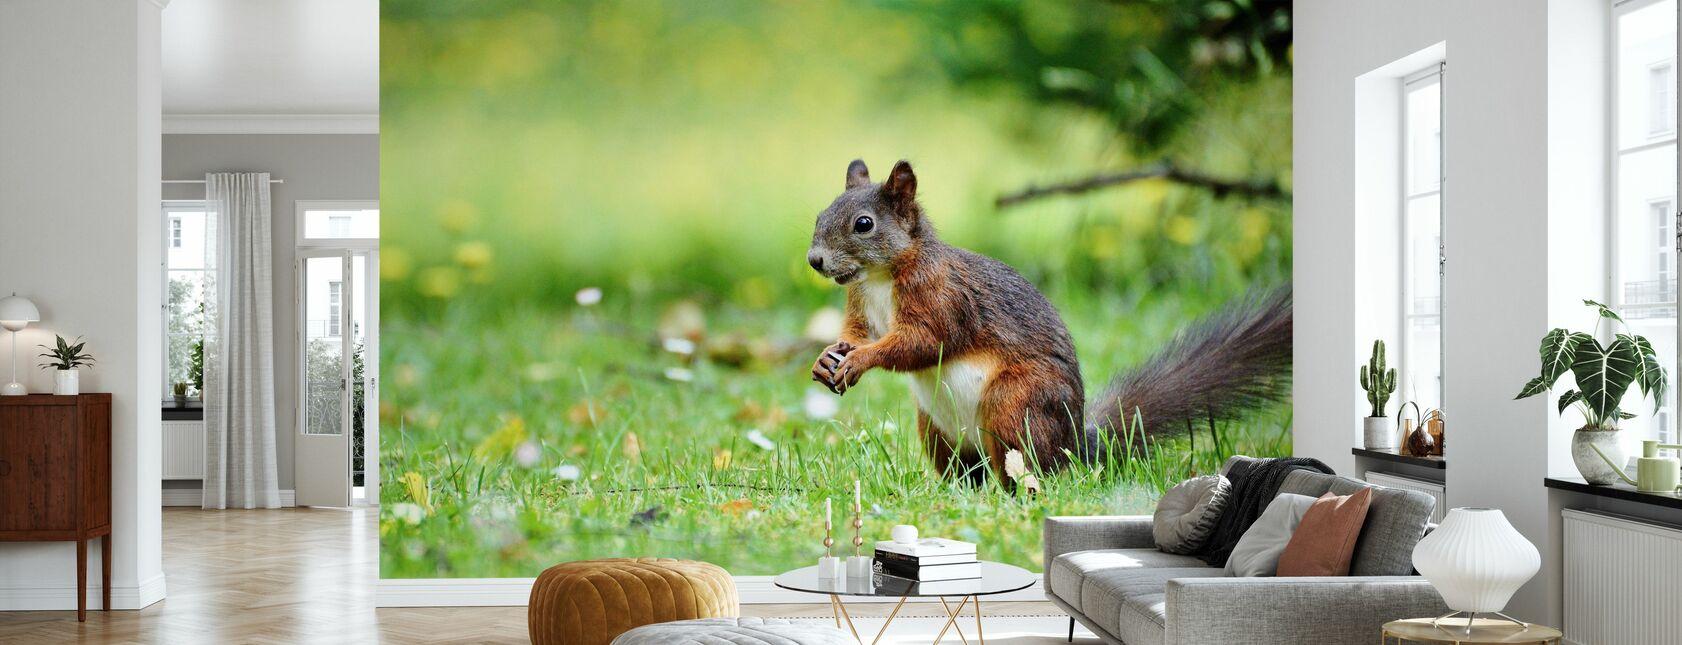 Oravien väestönlaskenta - Tapetti - Olohuone